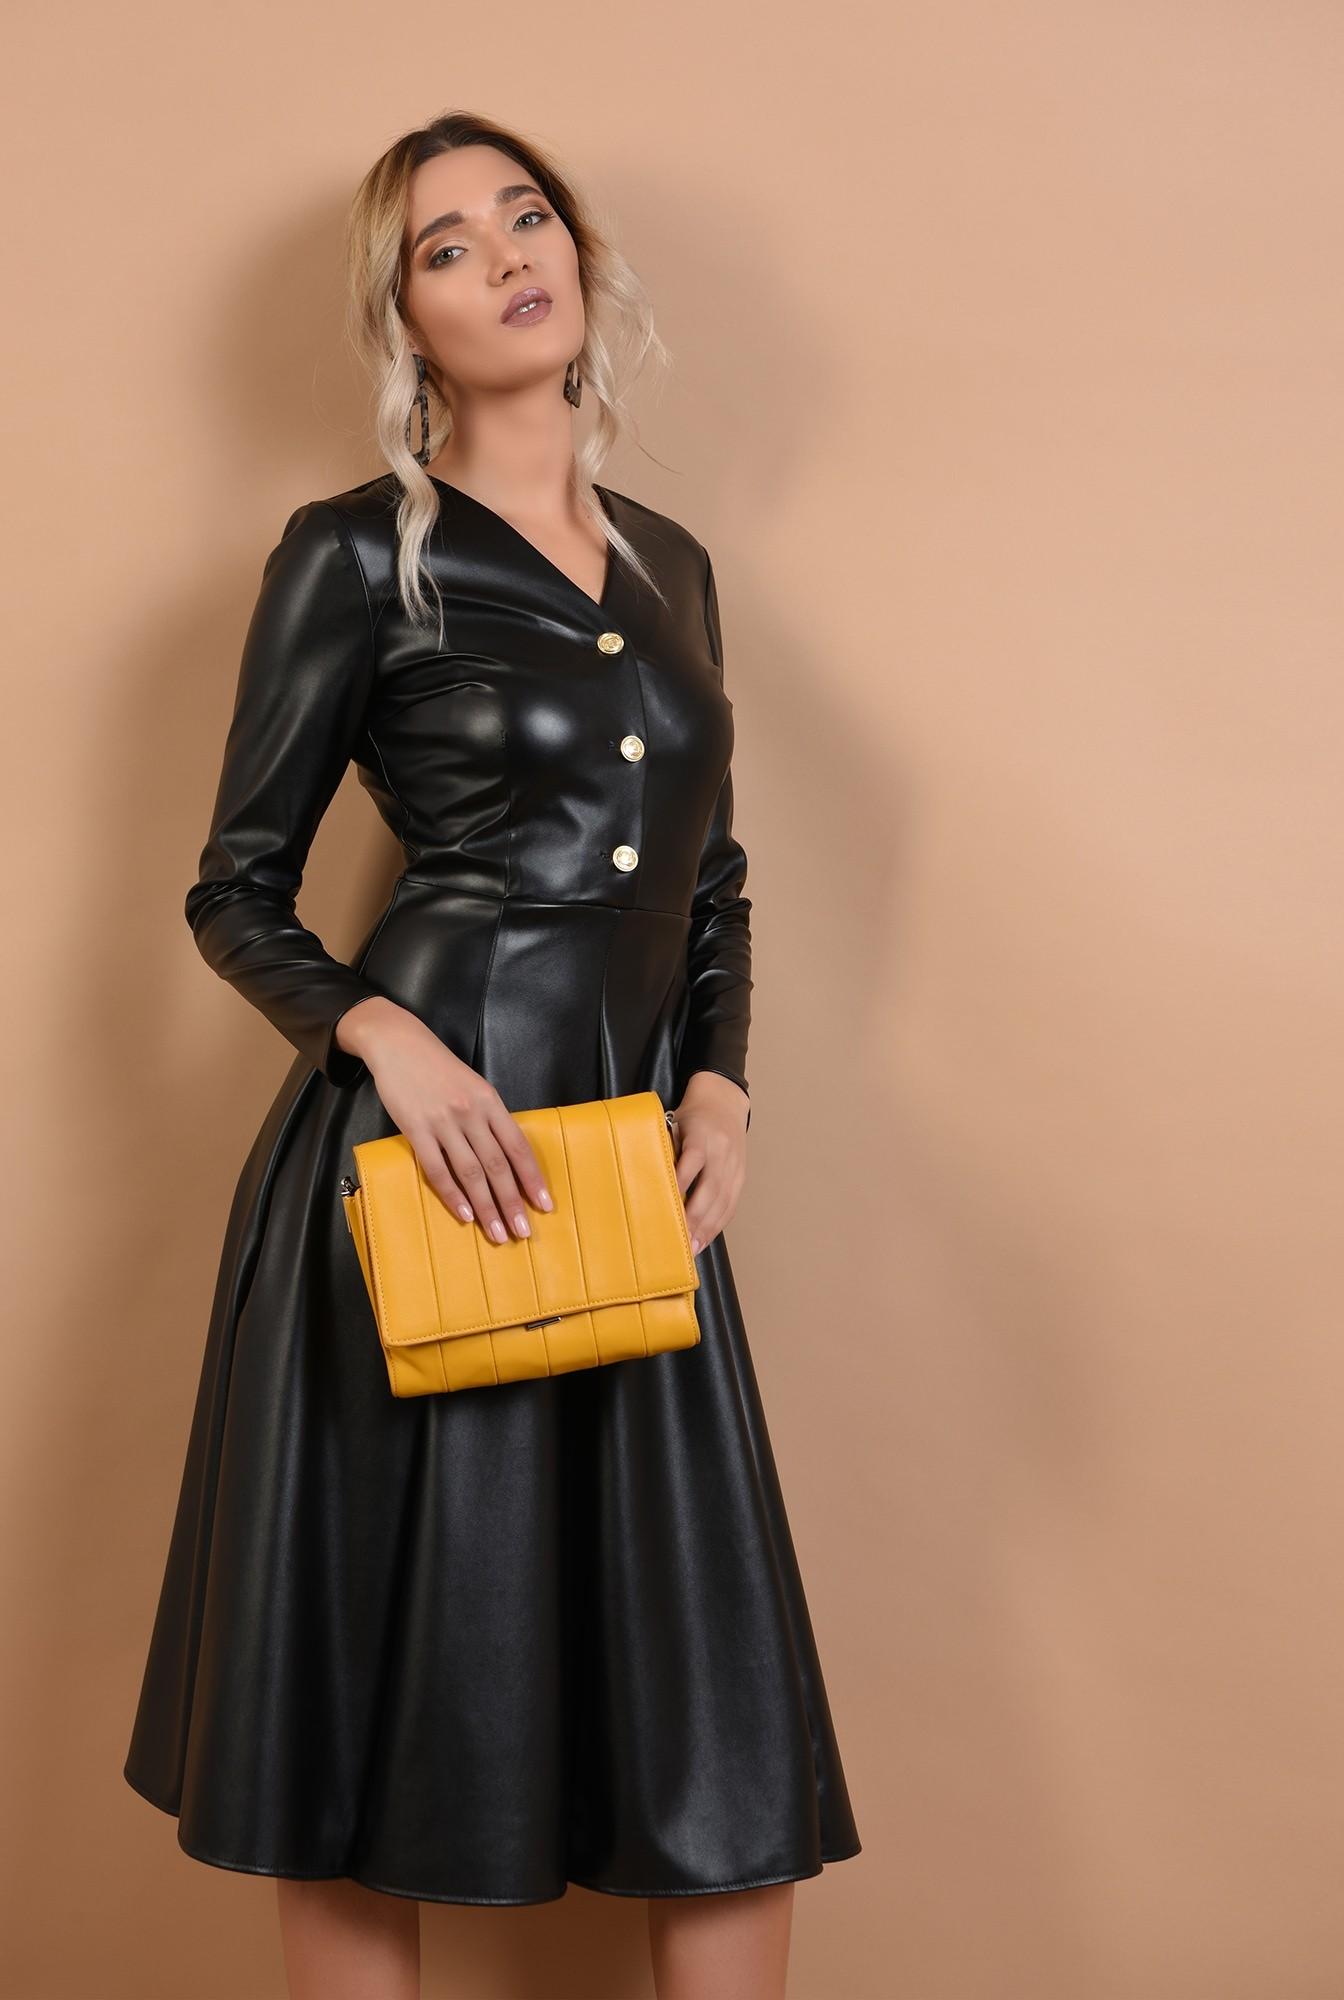 0 - rochie casual, evazata, neagra, din piele, midi, Poema